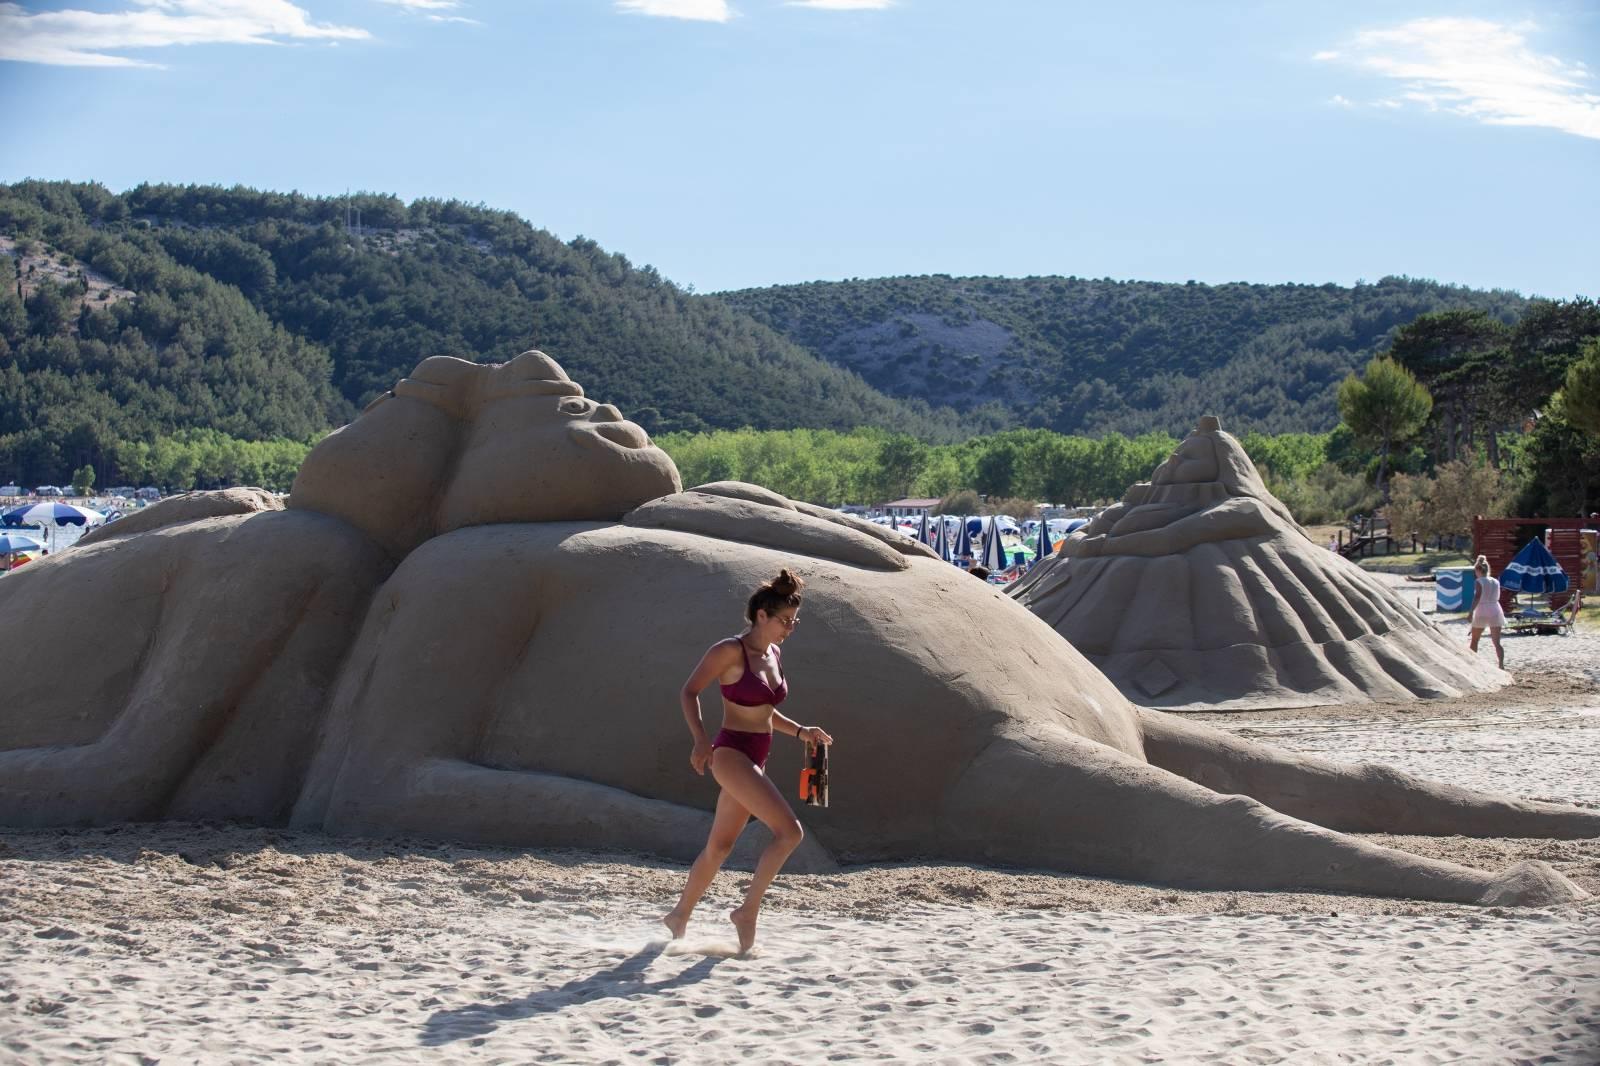 Završen je Festival skulptura u pijesku na Rajskoj plaži u Loparu na Rabu